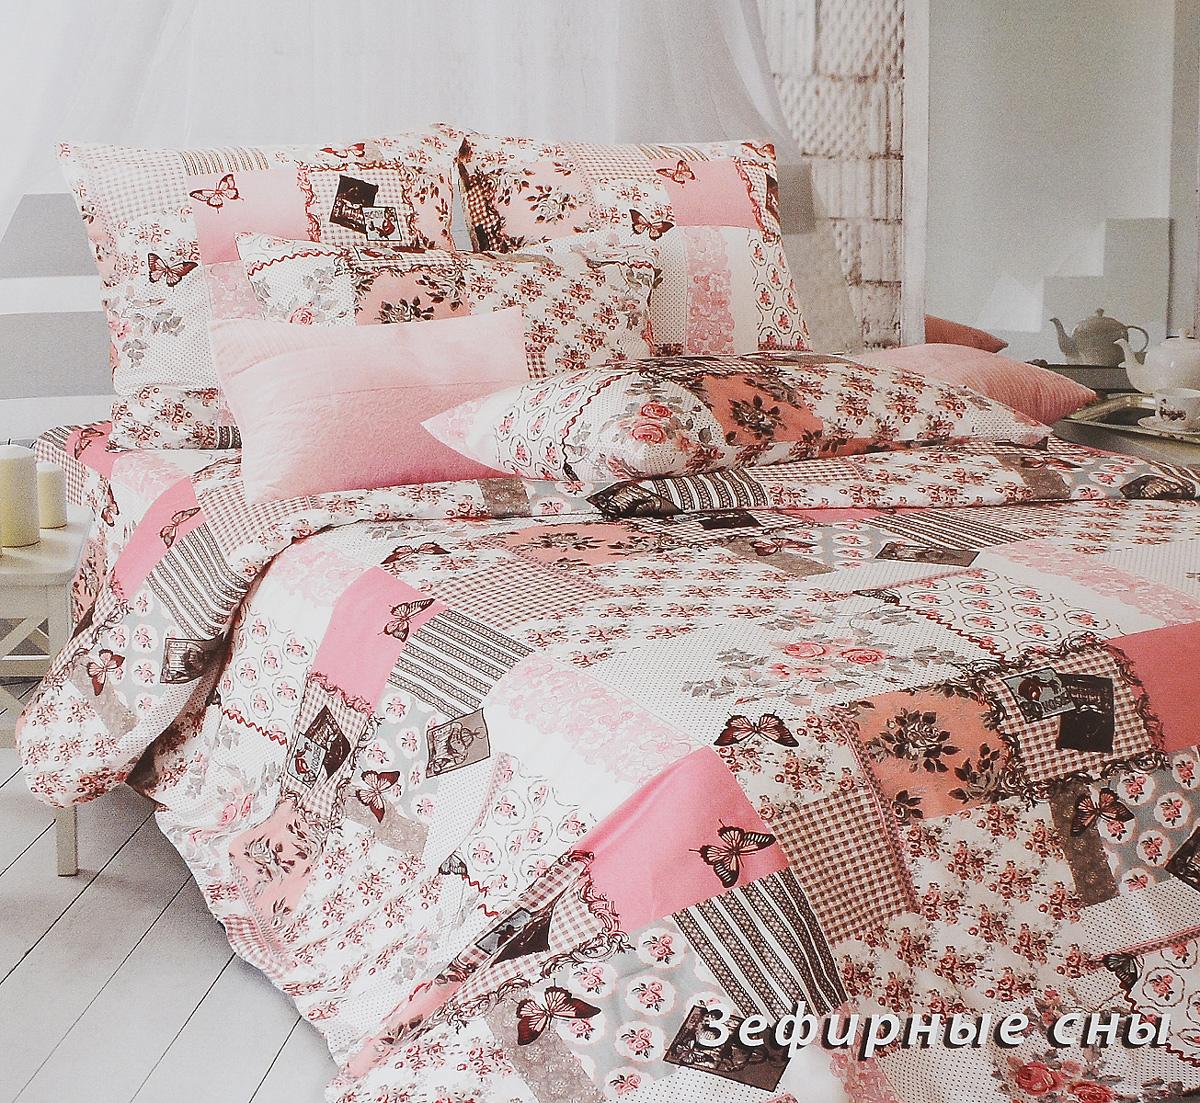 Комплект белья Tiffanys Secret Зефирные сны, 1,5-спальный, наволочки 50х70, цвет: розовый, белый, темно-коричневыйDAVC150Комплект постельного белья Tiffanys Secret Зефирные сны является экологически безопасным для всей семьи, так как выполнен из сатина (100% хлопок). Комплект состоит из пододеяльника, простыни и двух наволочек. Предметы комплекта оформлены оригинальным рисунком.Благодаря такому комплекту постельного белья вы сможете создать атмосферу уюта и комфорта в вашей спальне.Сатин - это ткань, навсегда покорившая сердца человечества. Ценившие роскошь персы называли ее атлас, а искушенные в прекрасном французы - сатин. Секрет высококачественного сатина в безупречности всего технологического процесса. Эту благородную ткань делают только из отборной натуральной пряжи, которую получают из самого лучшего тонковолокнистого хлопка. Благодаря использованию самой тонкой хлопковой нити получается необычайно мягкое и нежное полотно. Сатиновое постельное белье превращает жаркие летние ночи в прохладные и освежающие, а холодные зимние - в теплые и согревающие. Сатин очень приятен на ощупь, постельное белье из него долговечно, выдерживает более 300 стирок, и лишь спустя долгое время материал начинает немного тускнеть. Оцените все достоинства постельного белья из сатина, выбирая самое лучшее для себя!